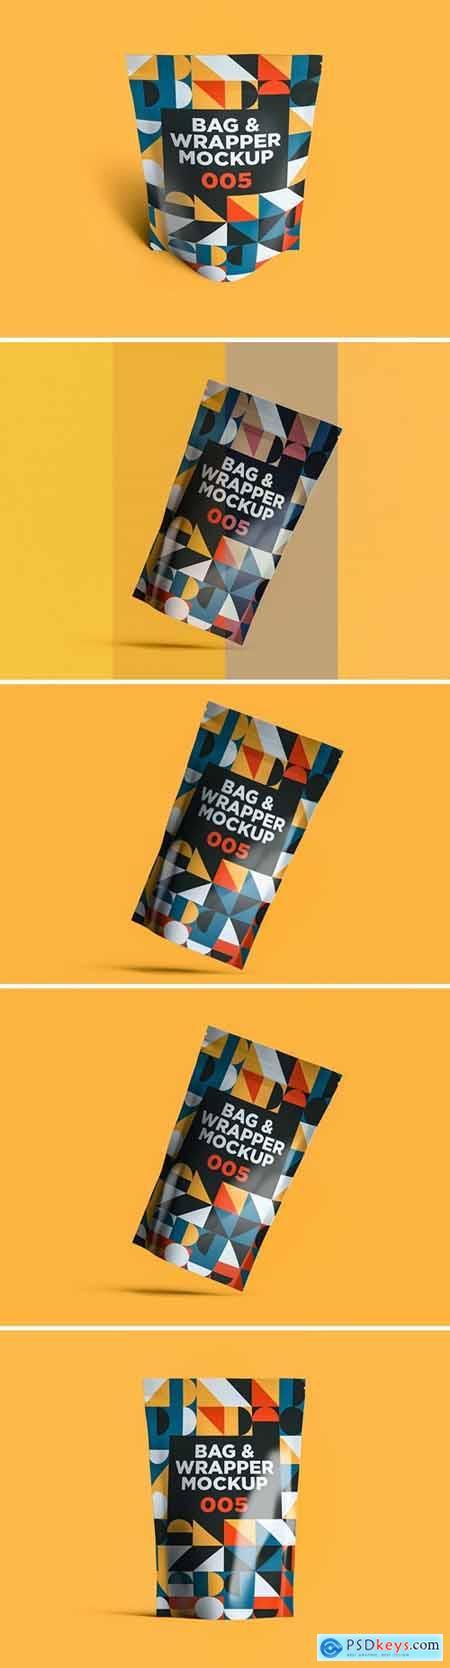 Bag & Wrapper Mockup 005